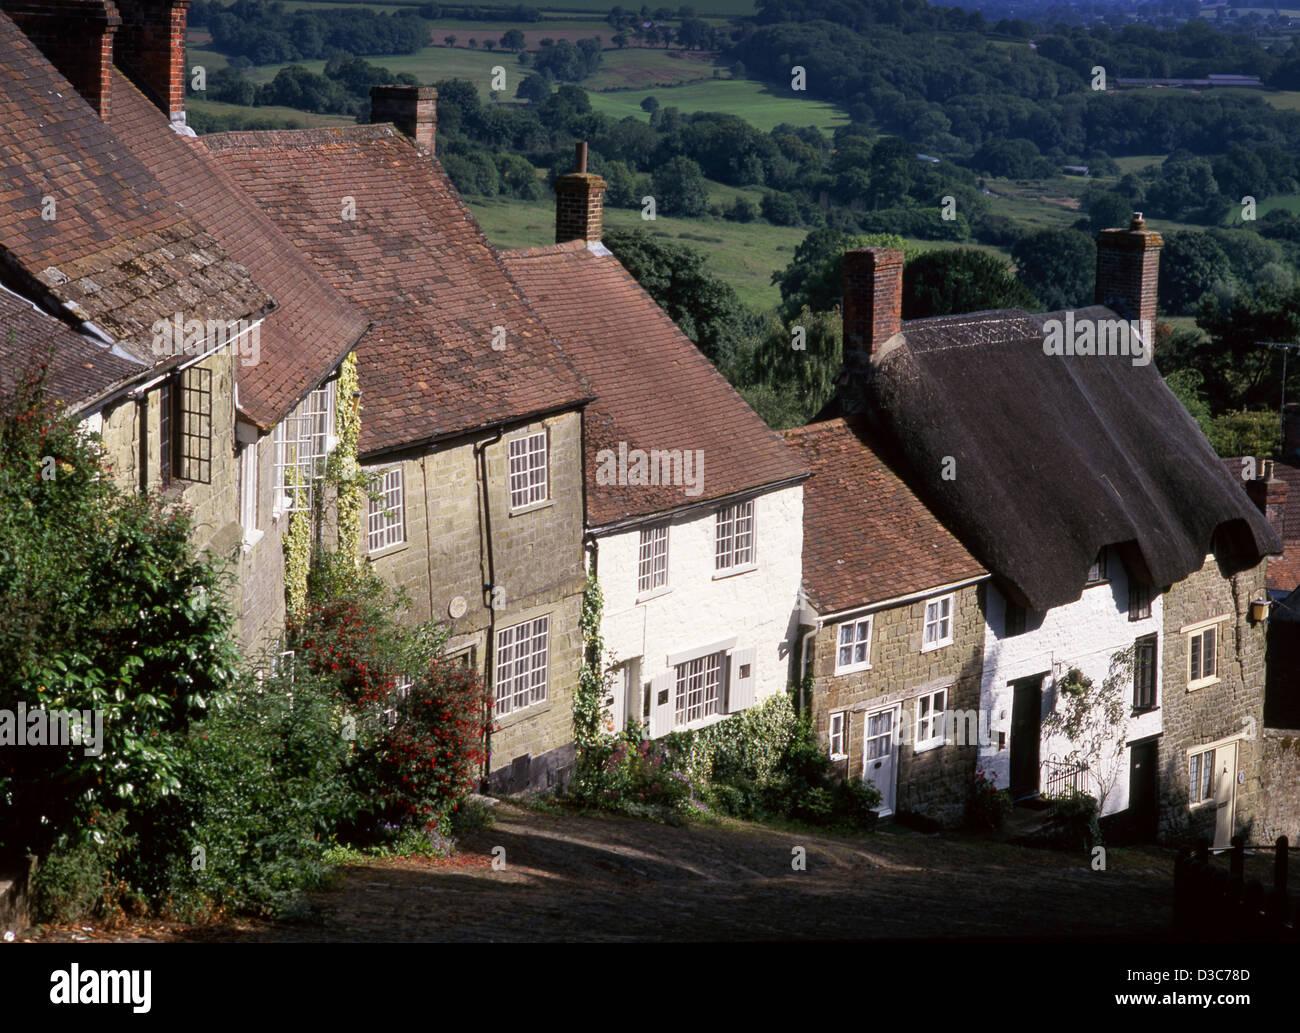 Gold Hill Shaftesbury Dorset England UK - Stock Image